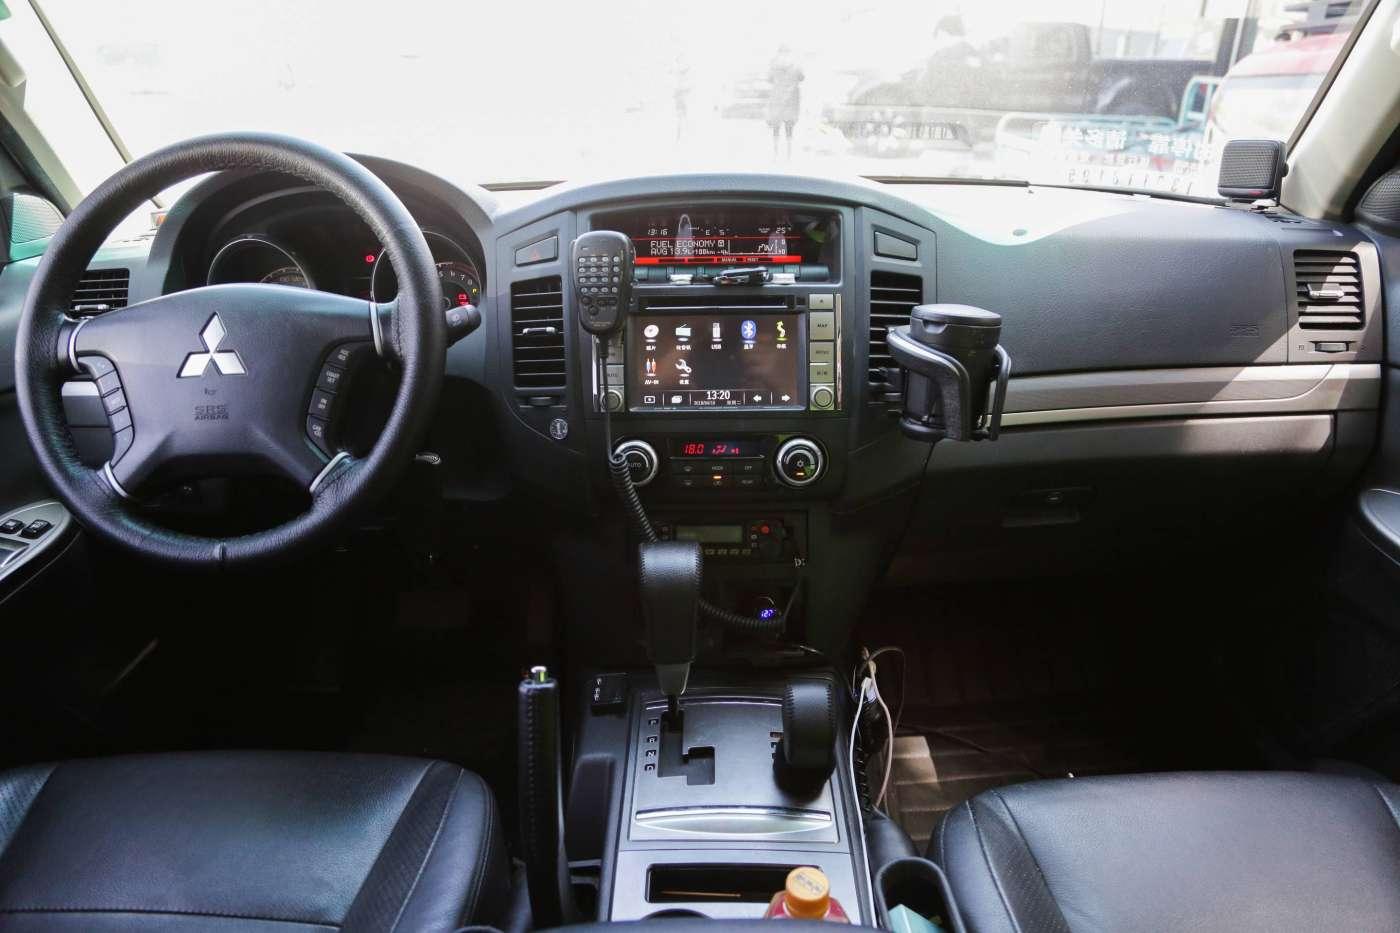 帕杰罗(进口) 2014款 3.0L 精英版|甄选三菱-北京卡斯基汽车服务有限公司